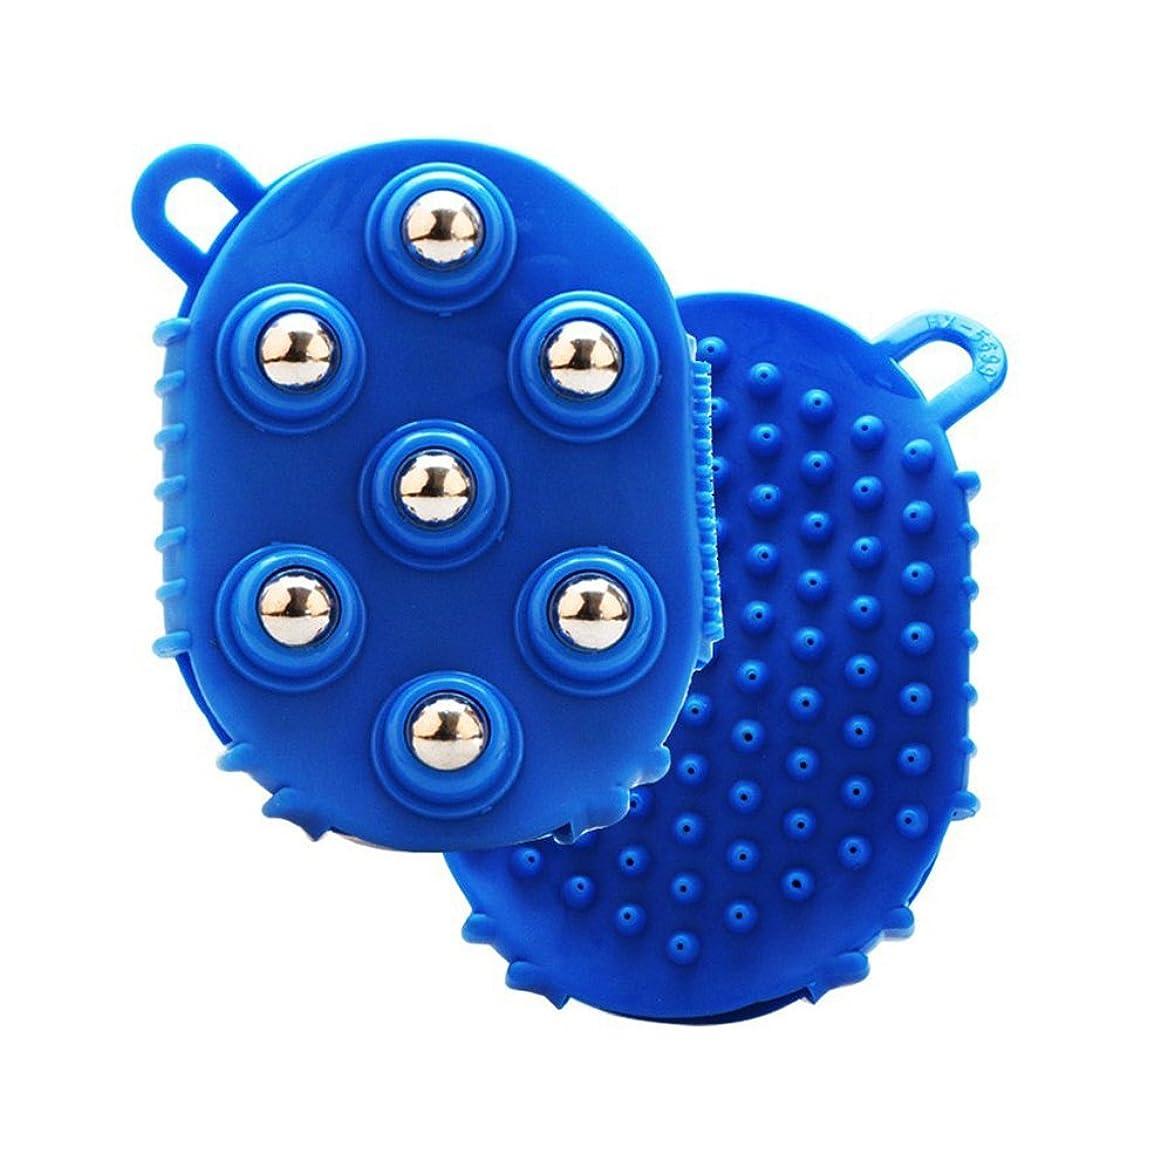 ハンディキャップノベルティバンガローULTNICE マッサージブラシ グローブバスブラシ 金属ローリングボール 痛みの筋肉の痛みを軽減する(青)